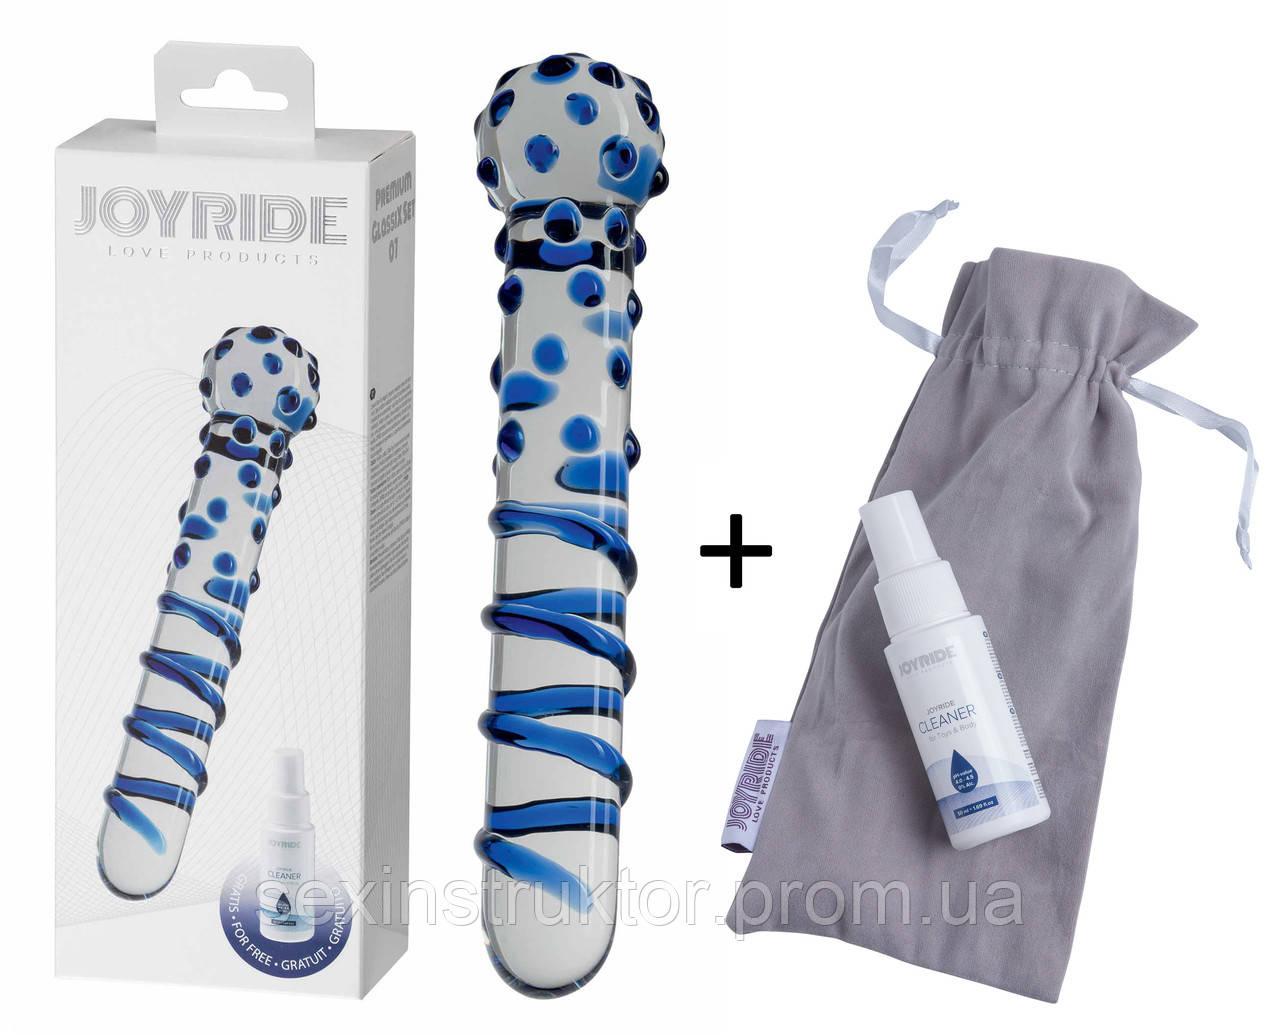 Стеклянный фаллоимитатор - JOYRIDE Premium GlassiX Set 07